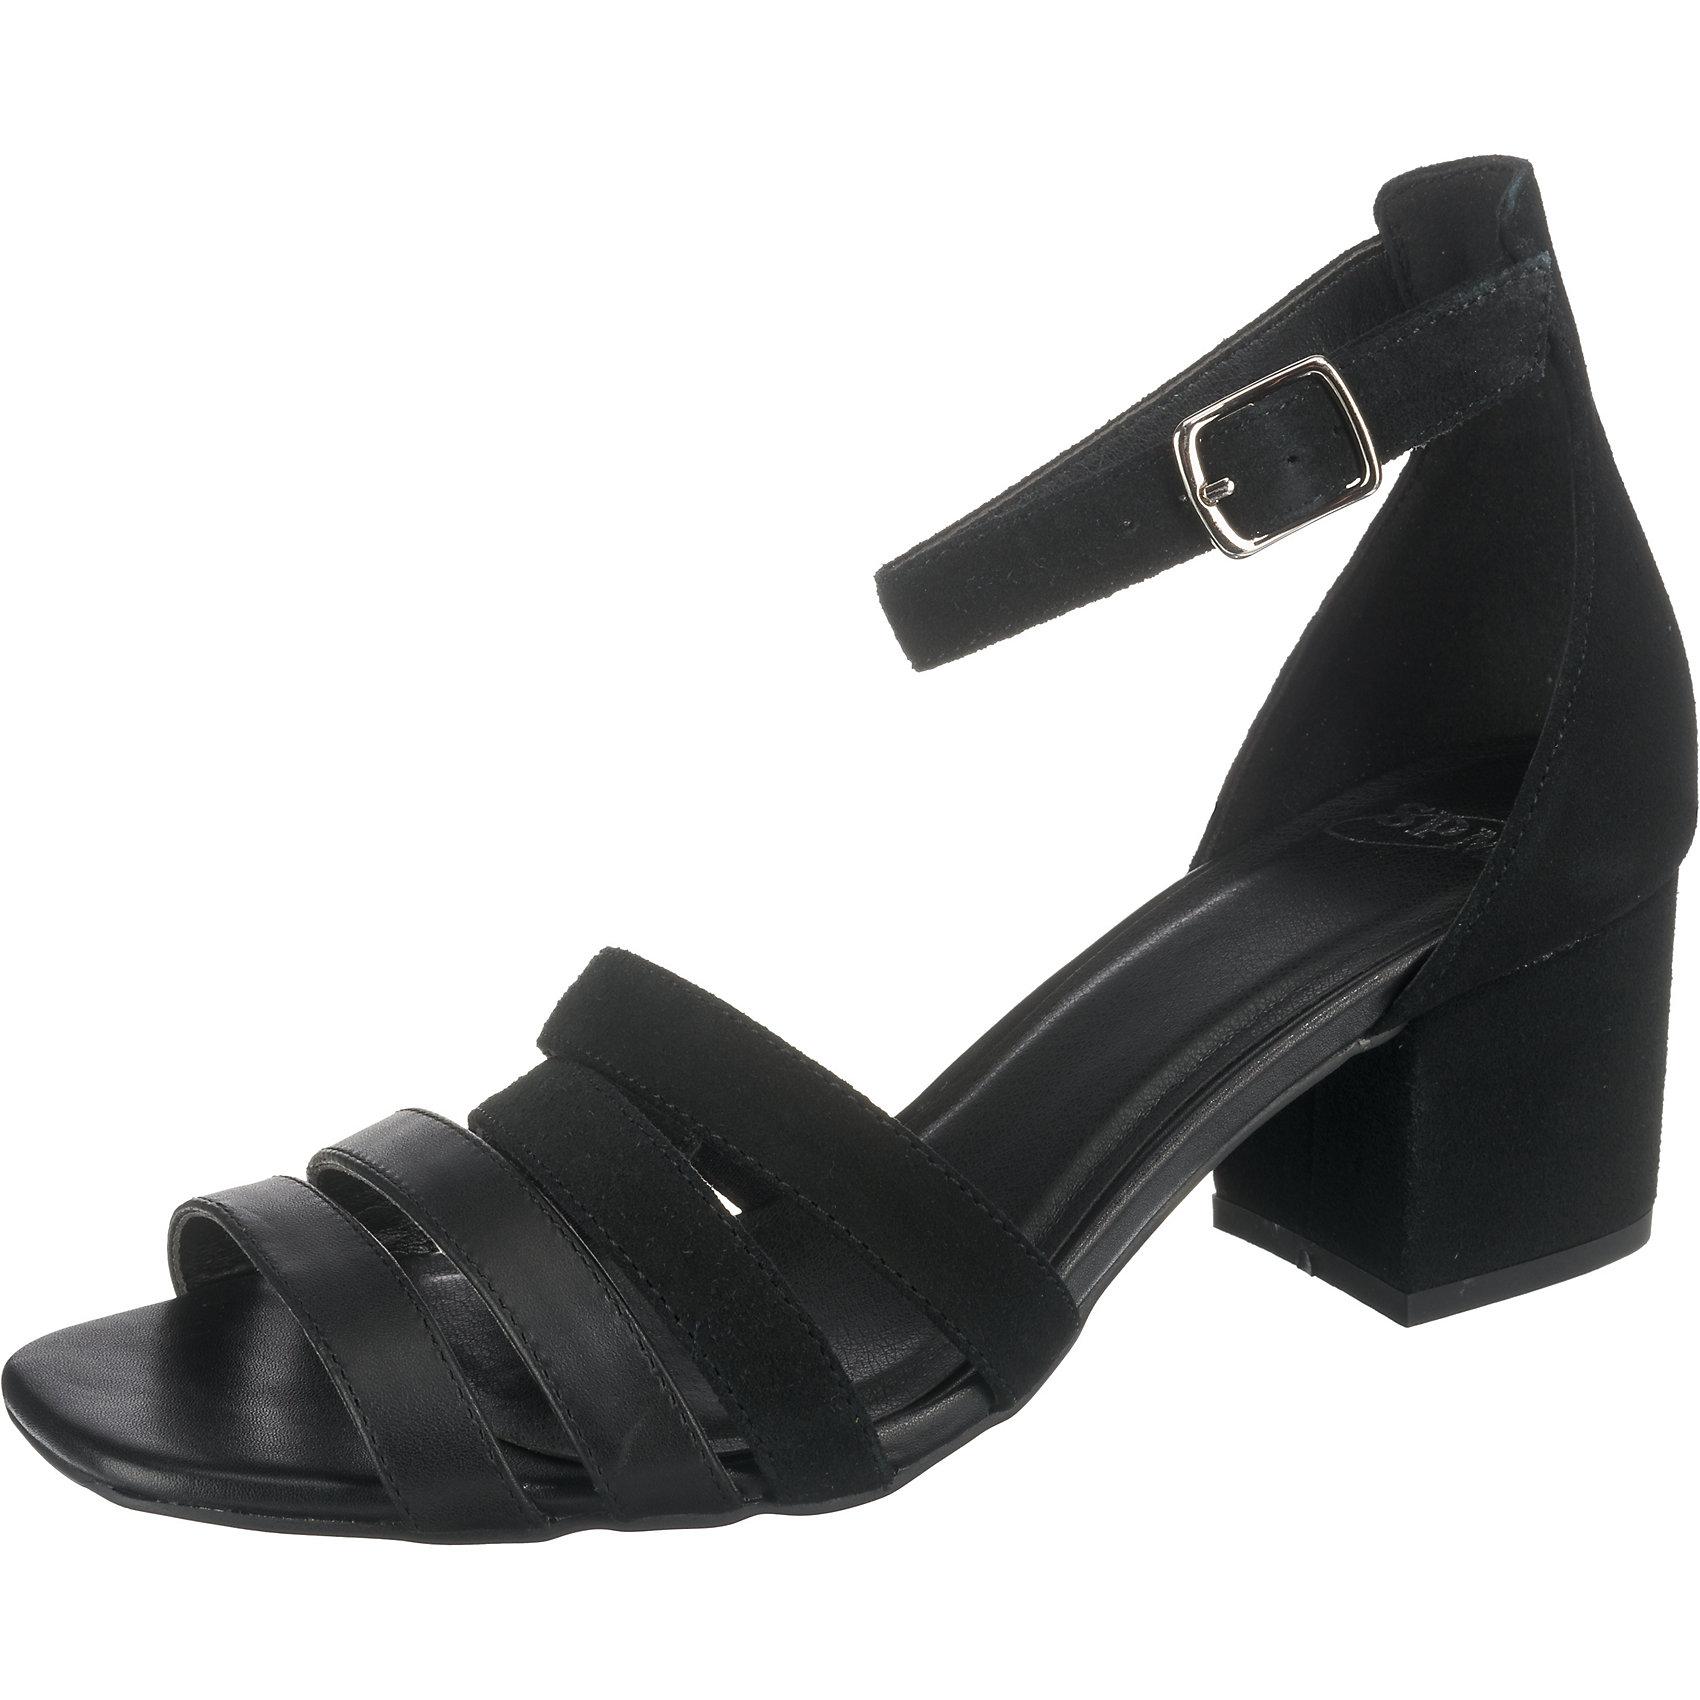 Für Neu Sandaletten Spm Damen Irinstrap 10365563 Klassische Schwarz wrZX6Aqrt